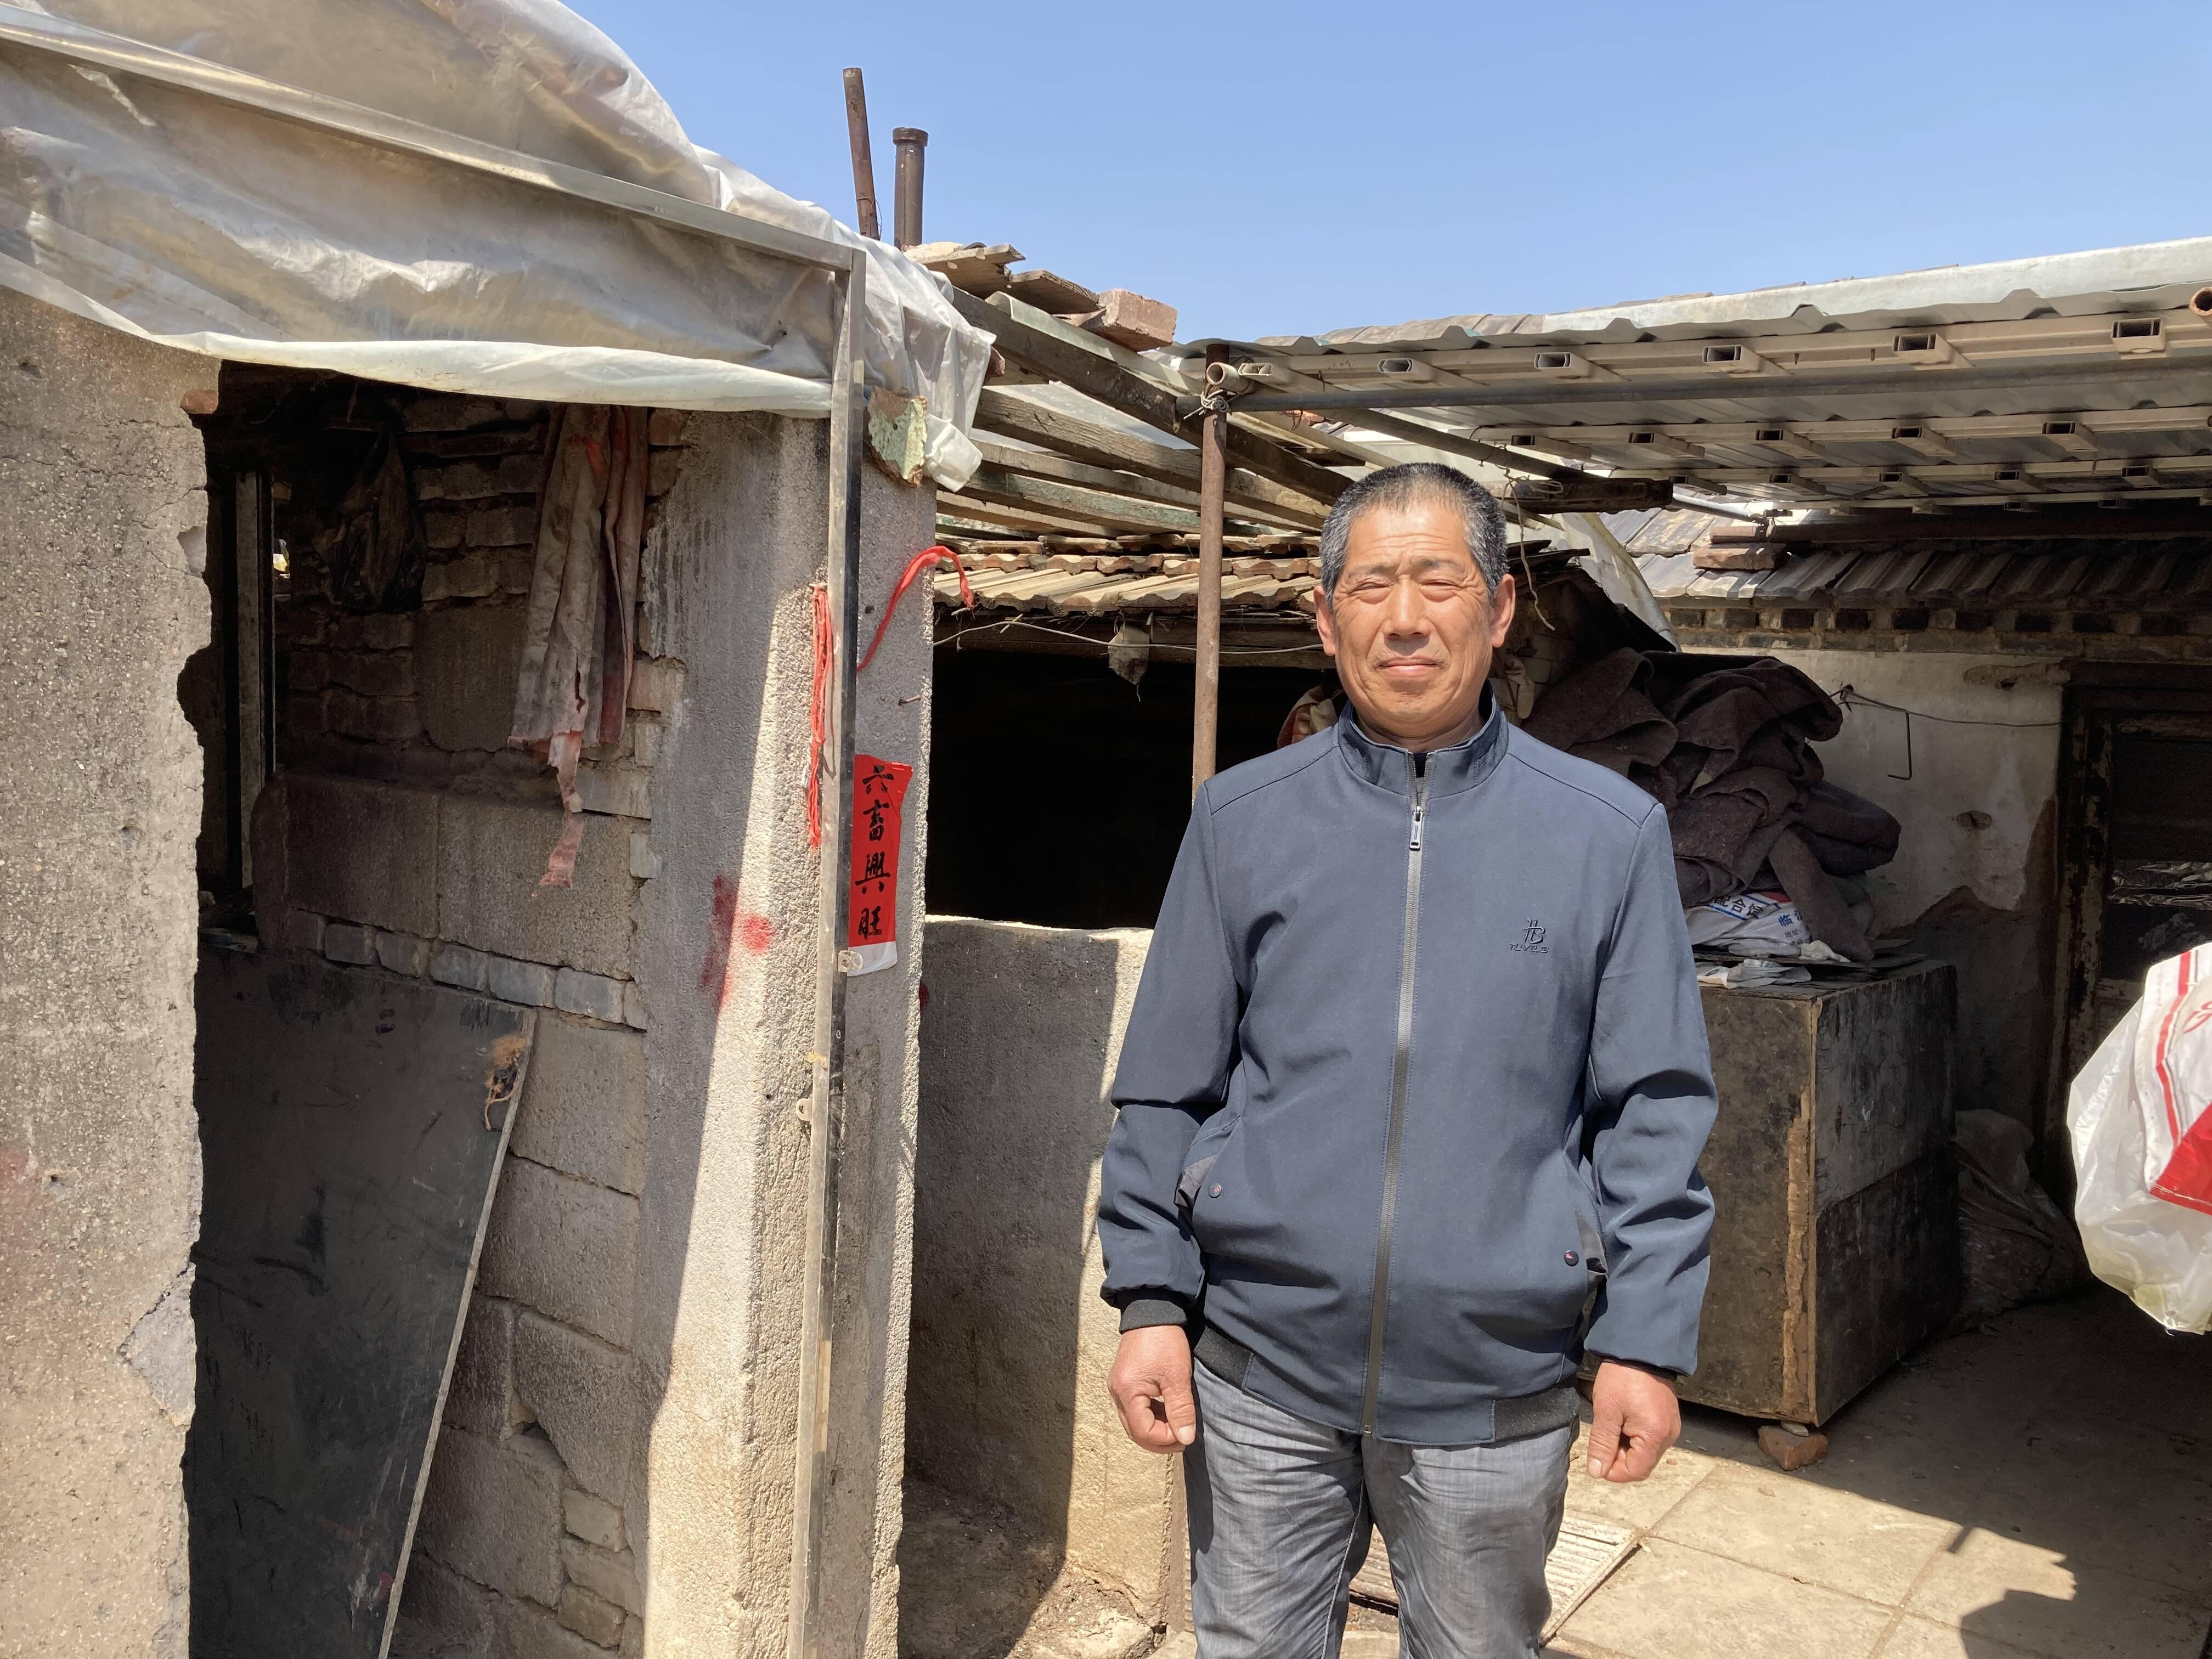 刘法强是村里的老好人。